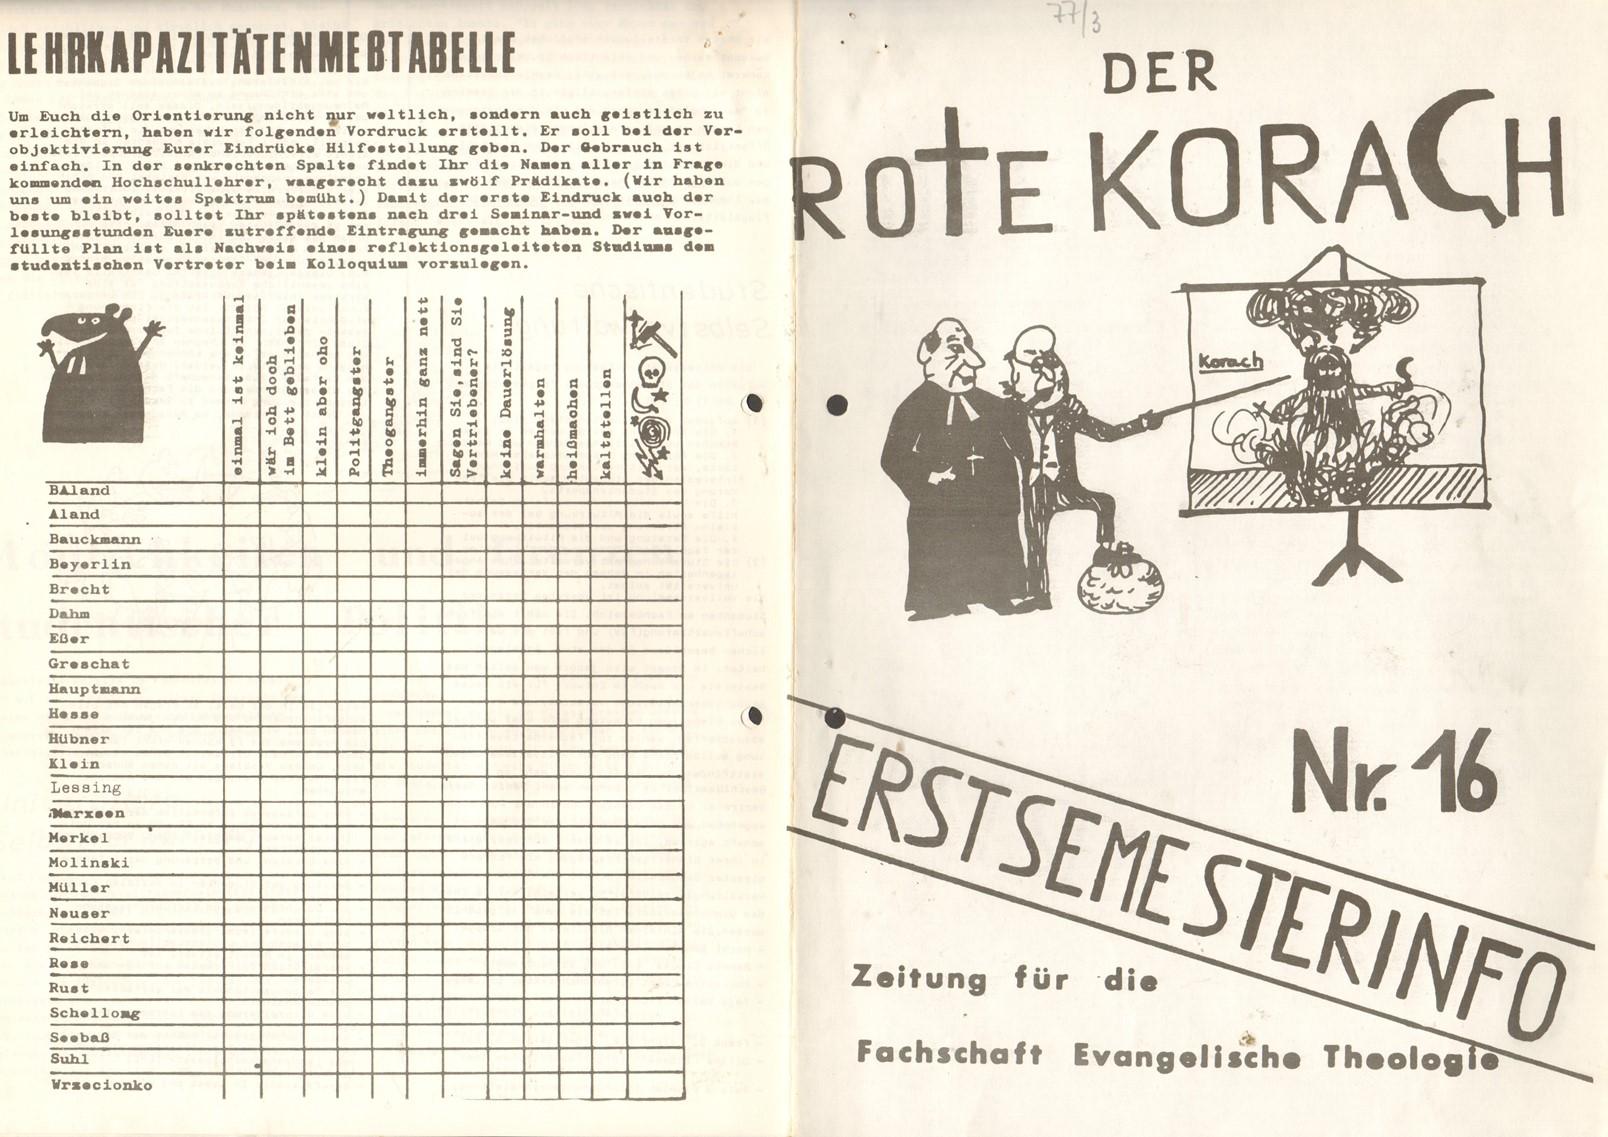 Muenster_Roter_Korach_19770300_01